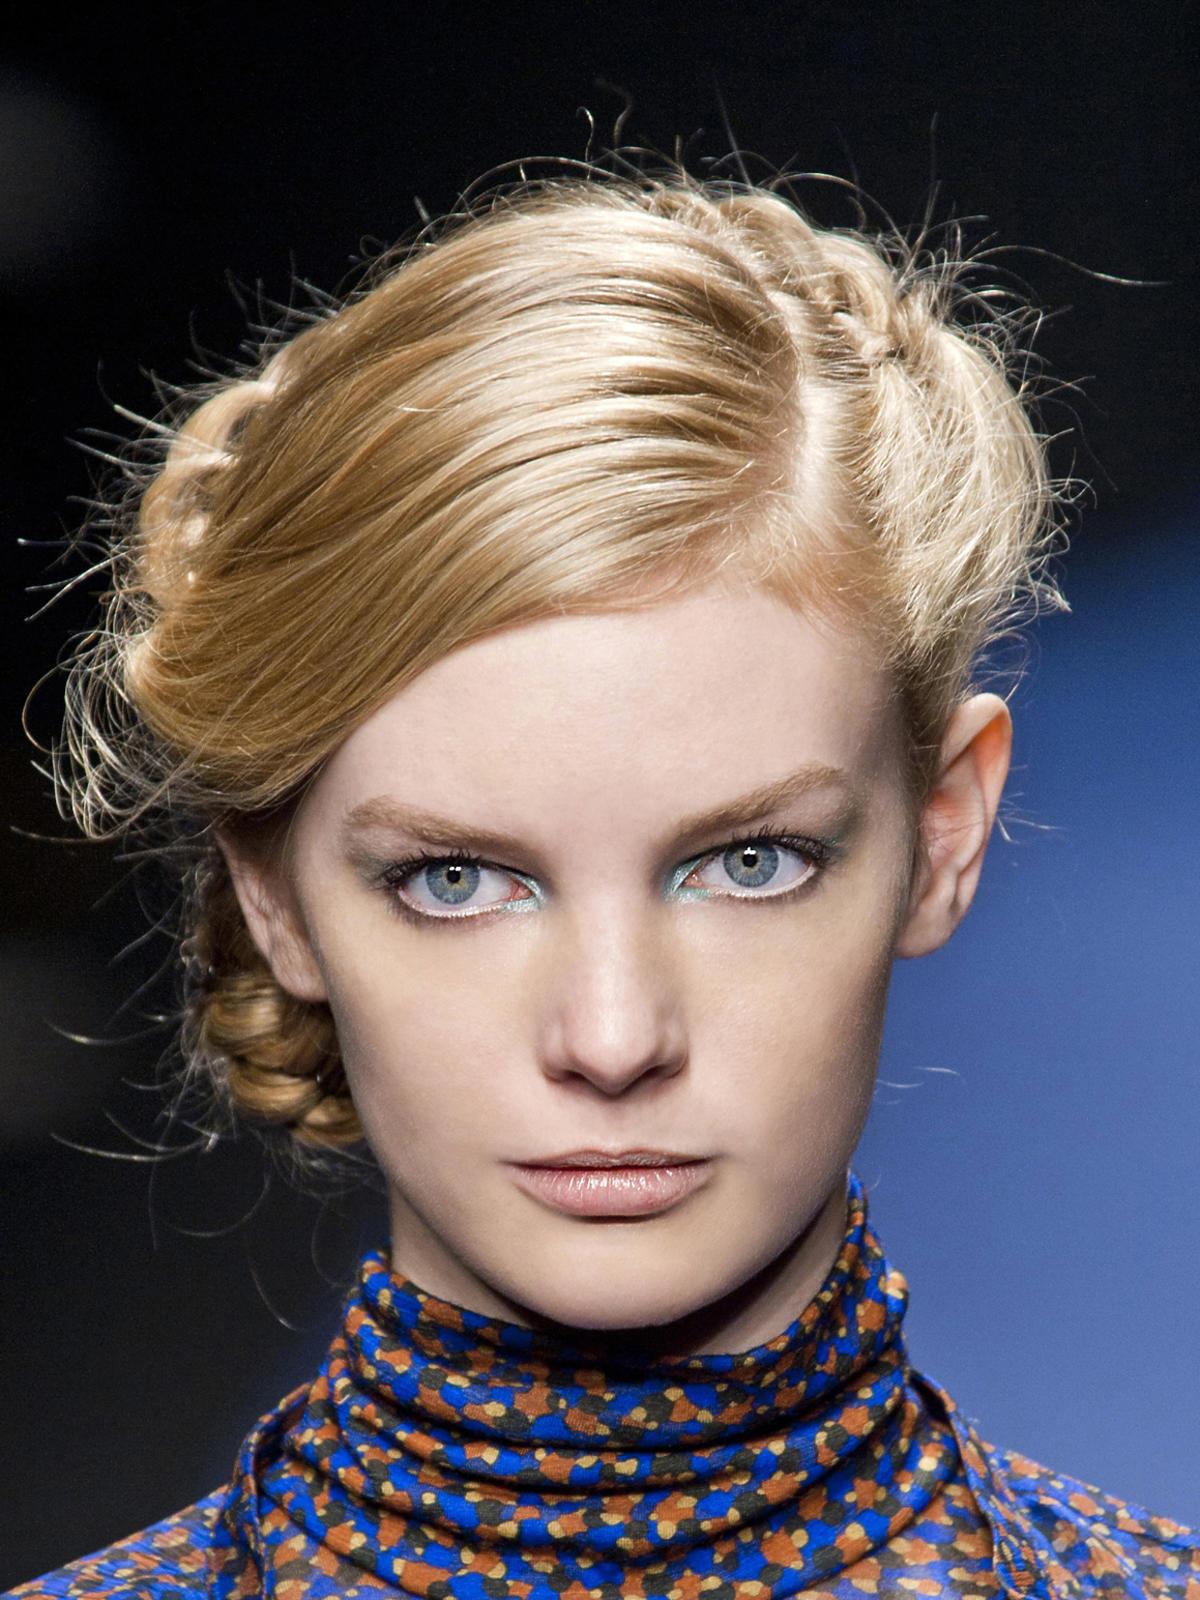 Retro fryzura Kristina T, jesień 2013